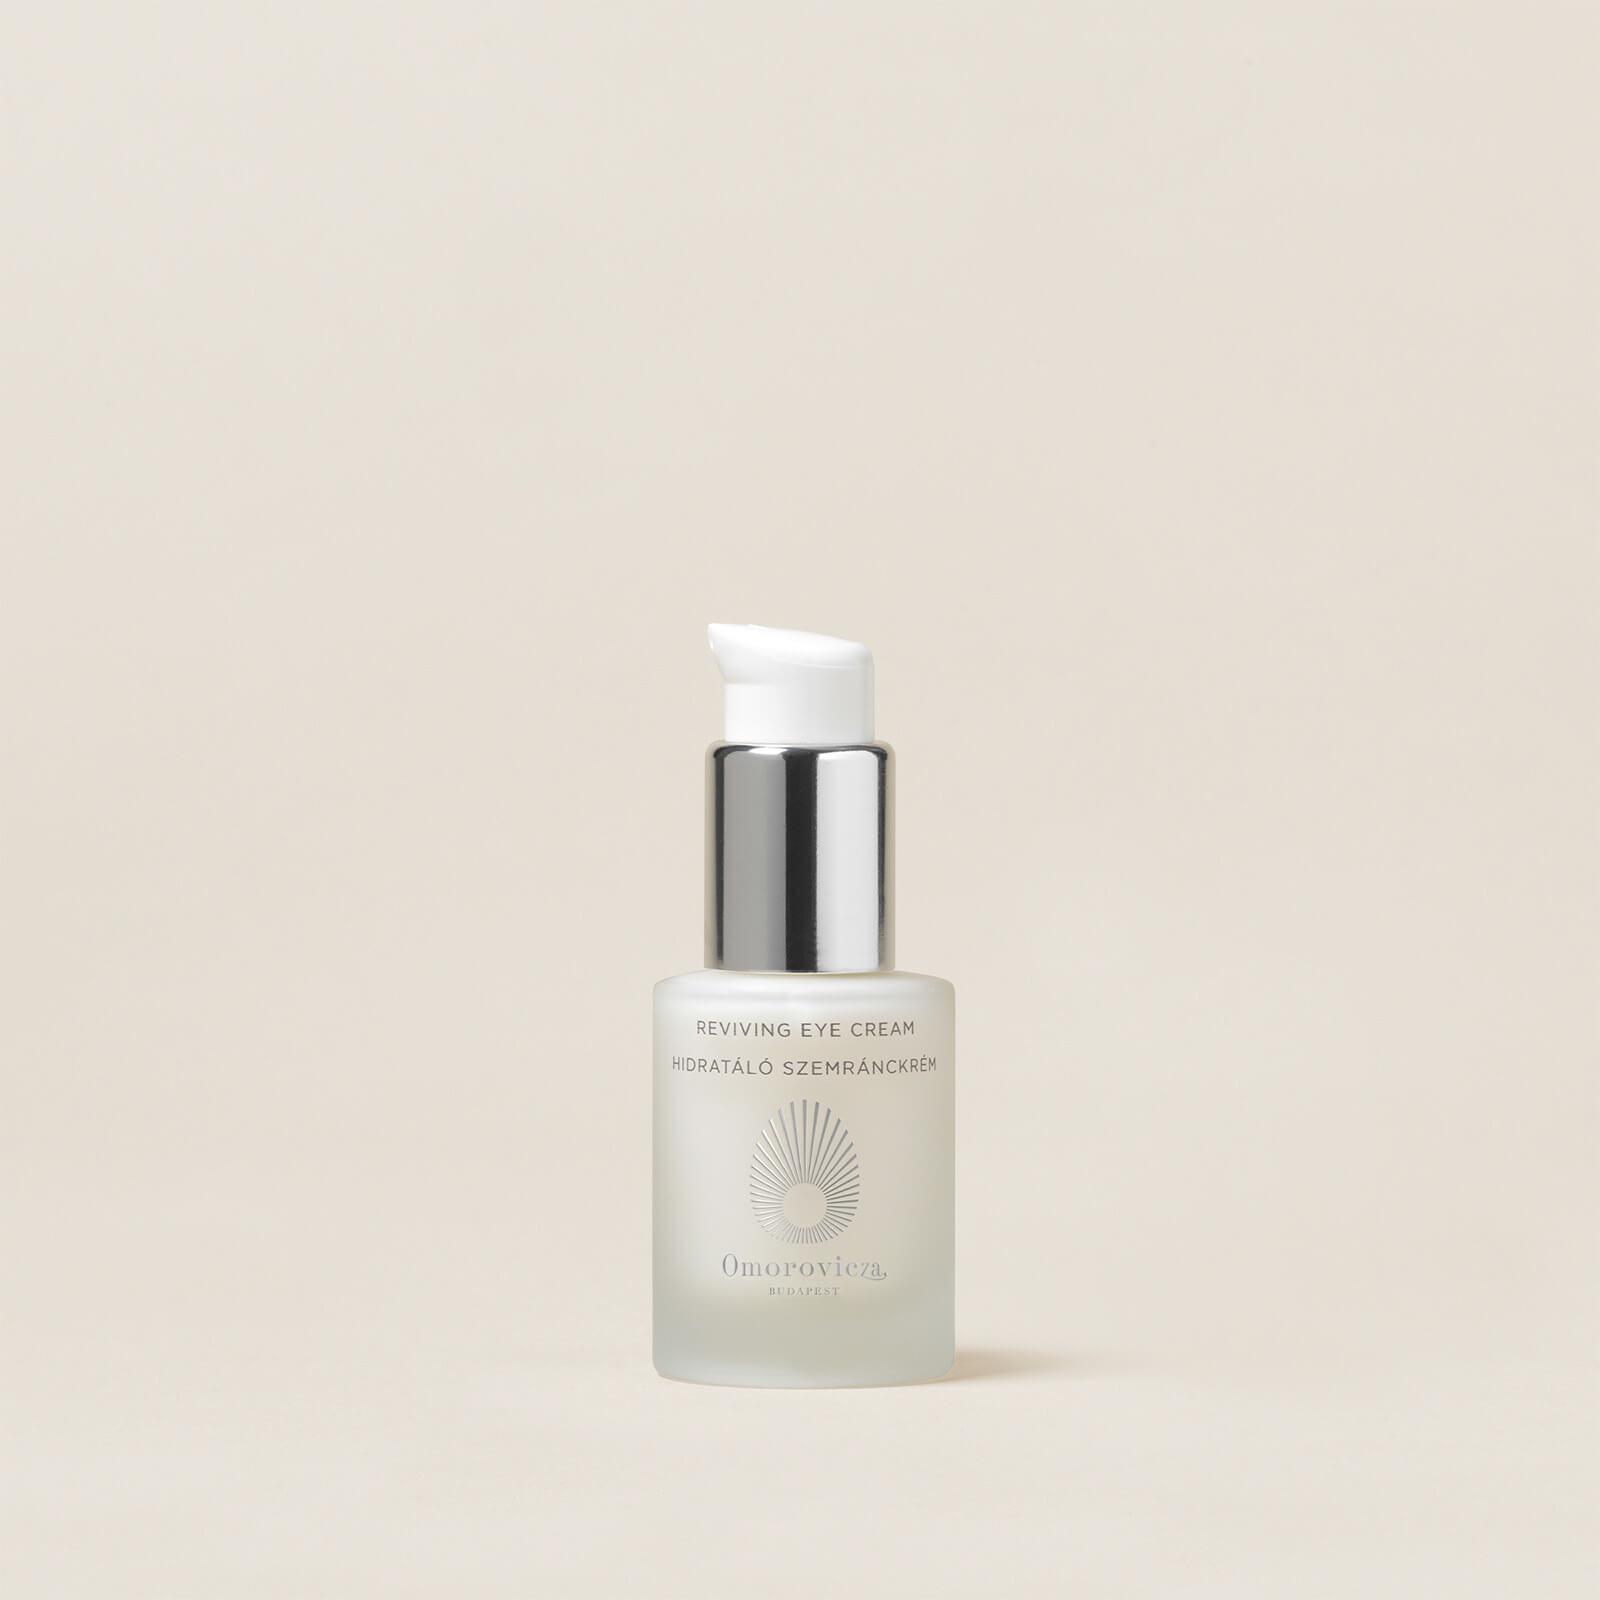 Купить Крем для области вокруг глаз Omorovicza Reviving Eye Cream (15 мл)